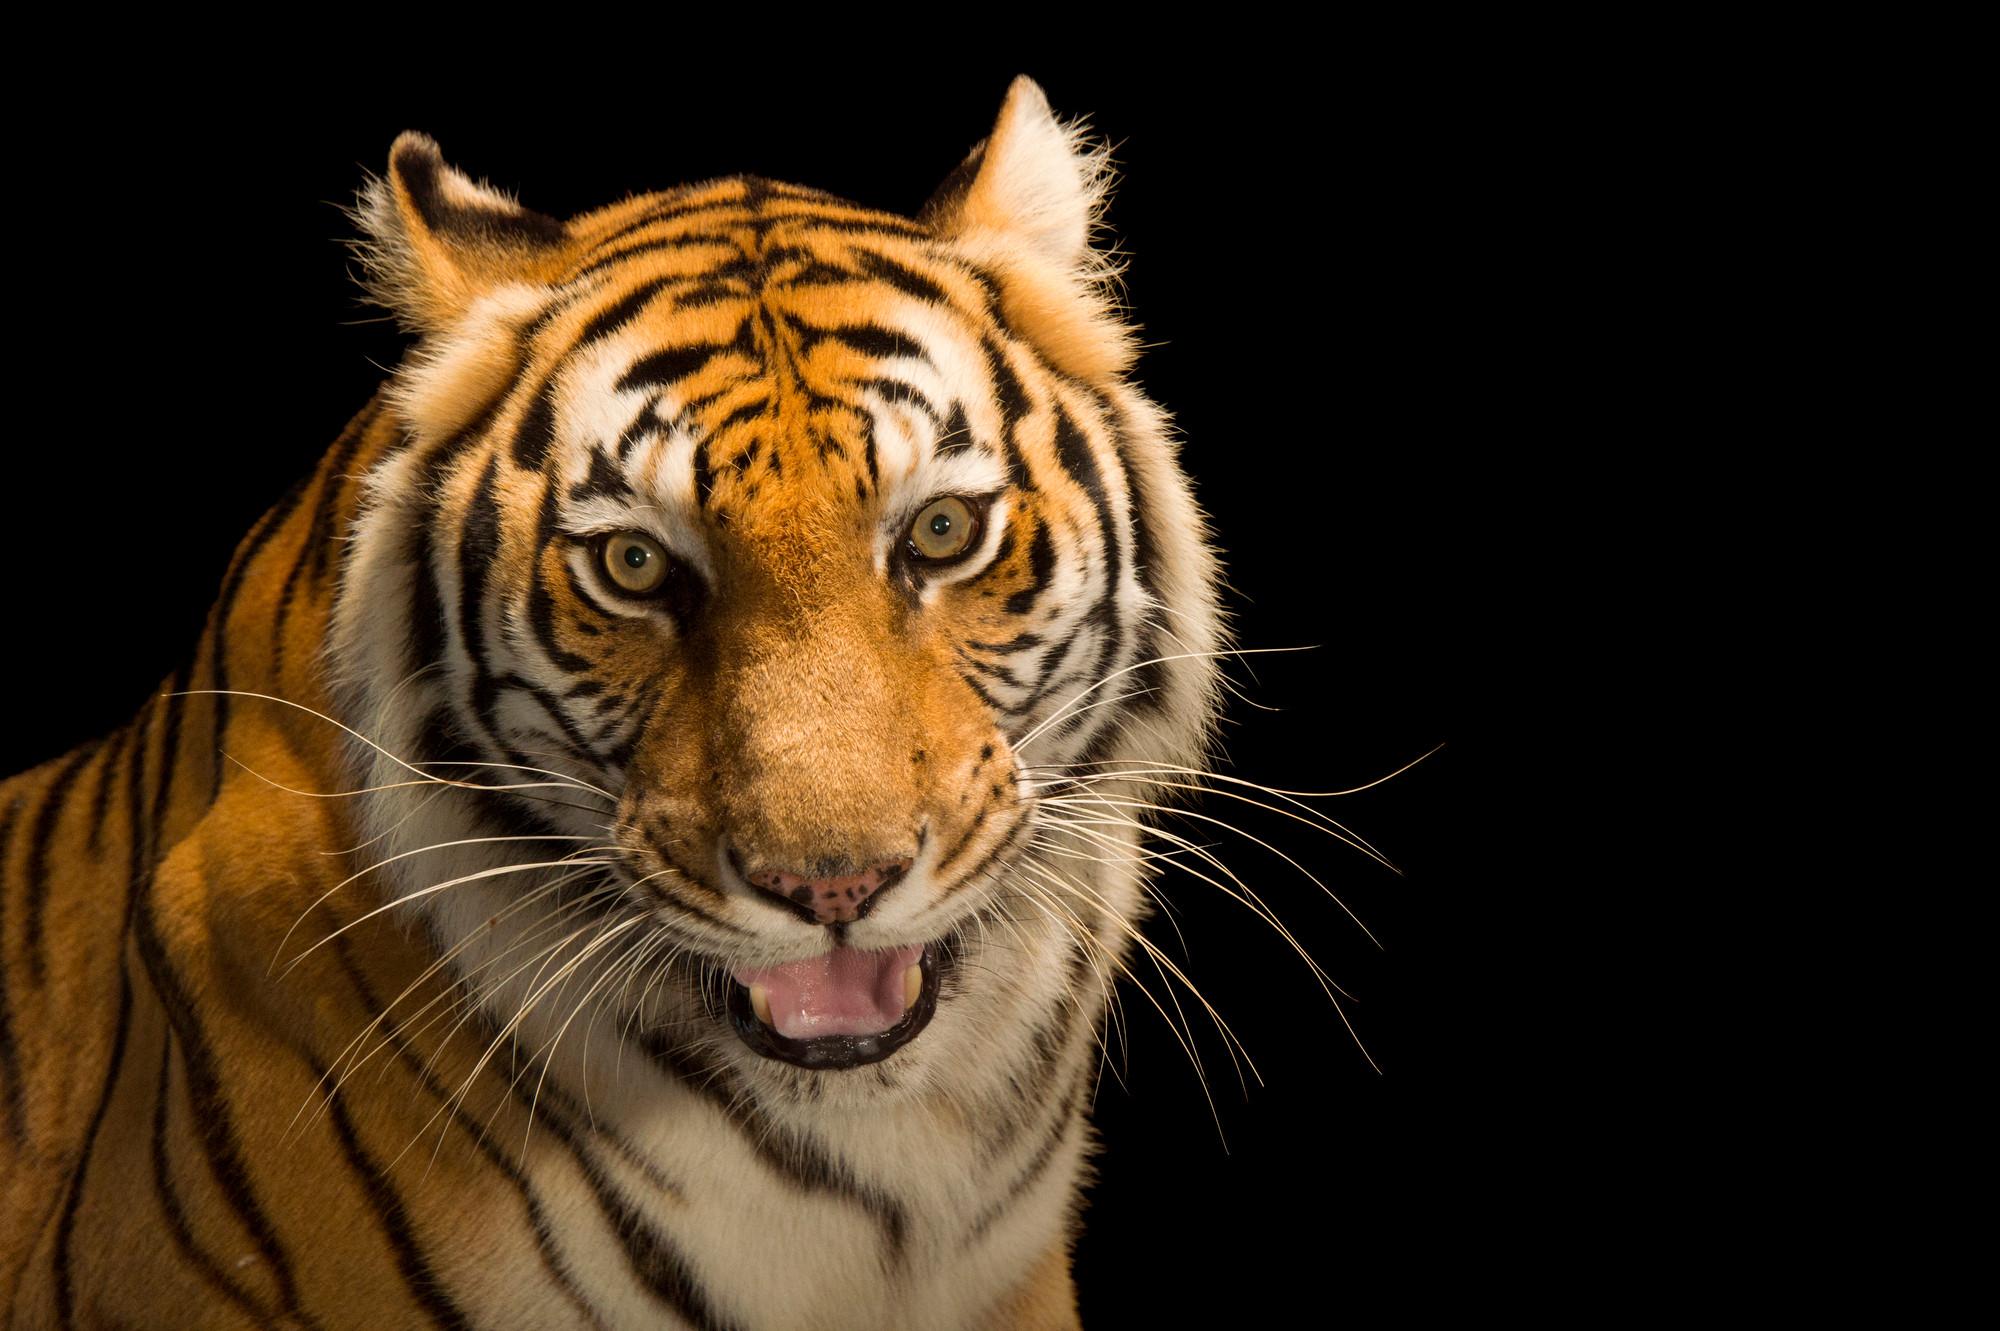 bengal tiger images - joel sartore